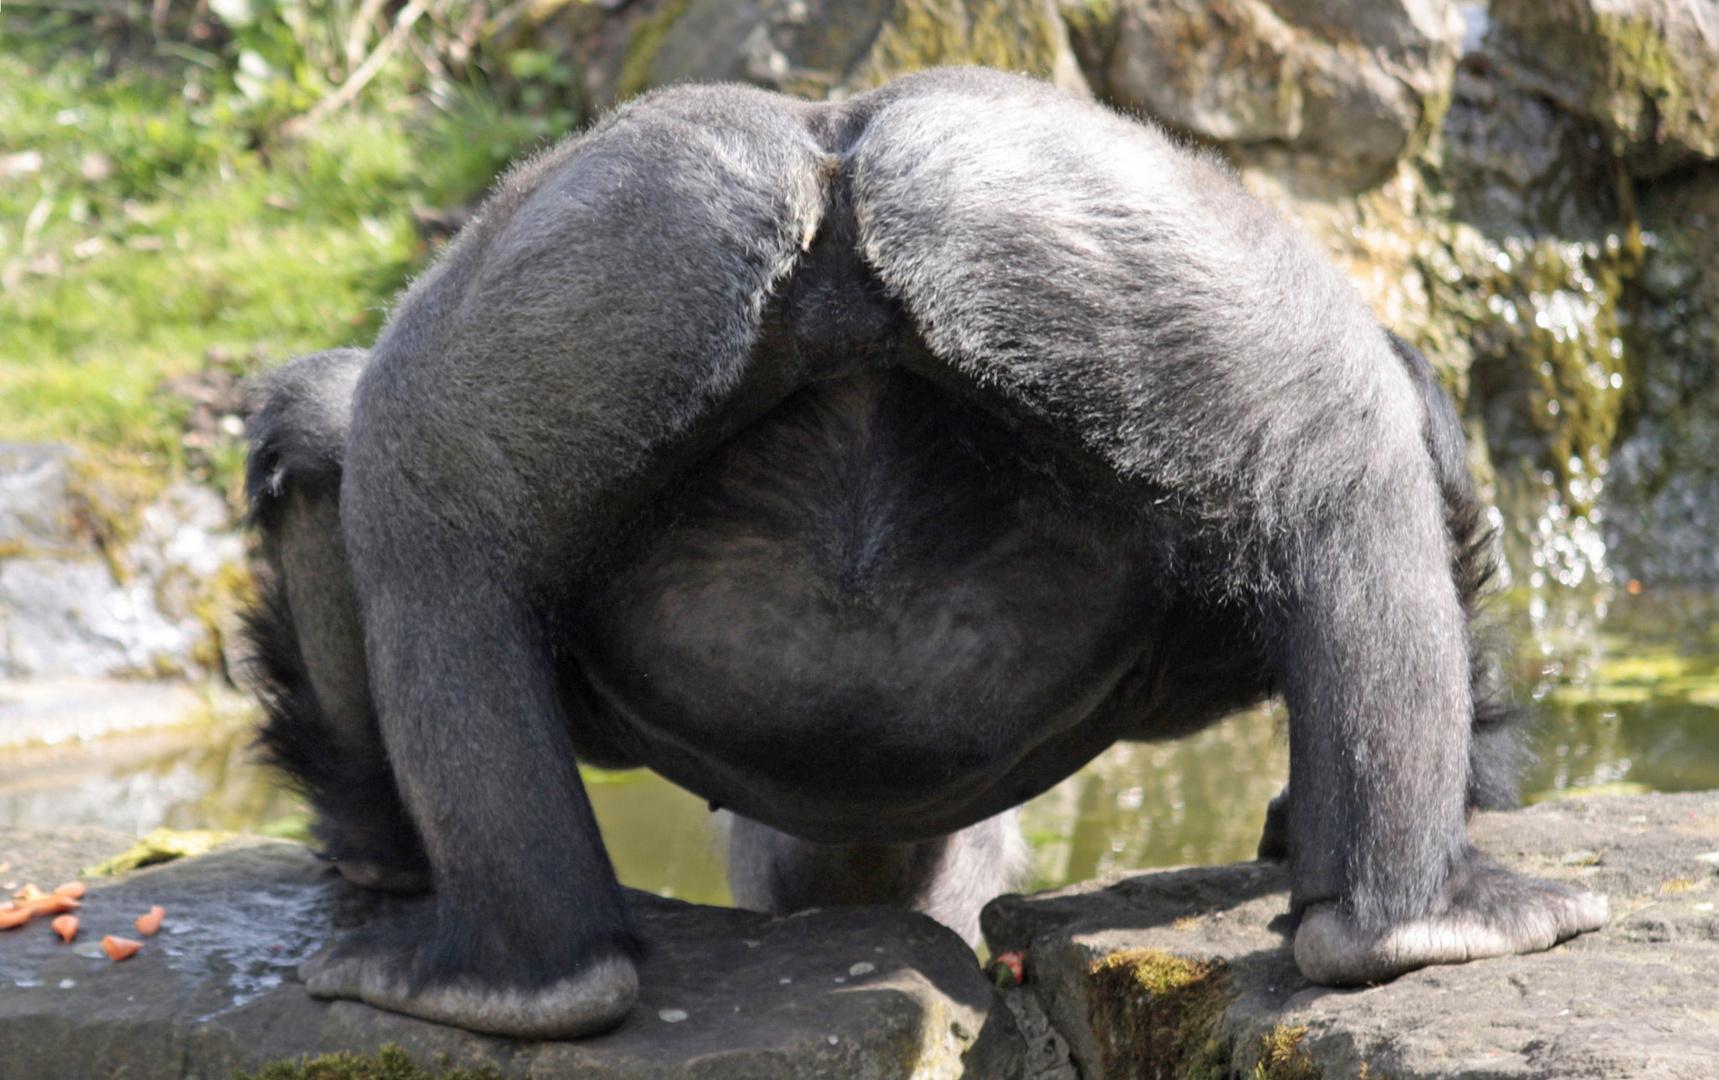 Gorillavater beim Frühschoppen...............